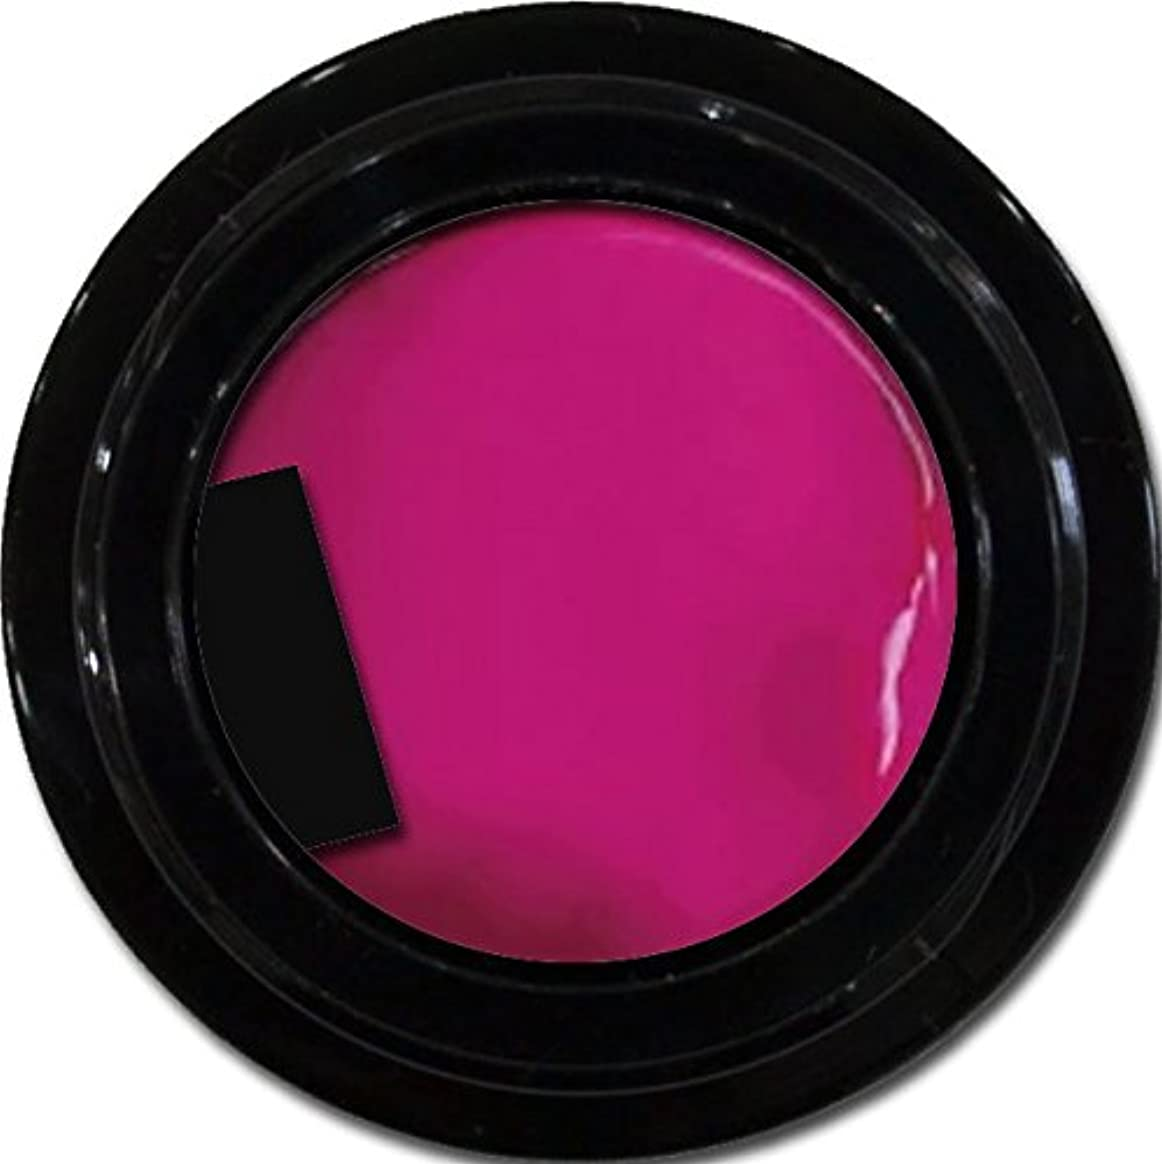 メディック首謀者バットカラージェル enchant color gel M214 NeoPink 3g/ マットカラージェル M214 ネオピンク 3グラム